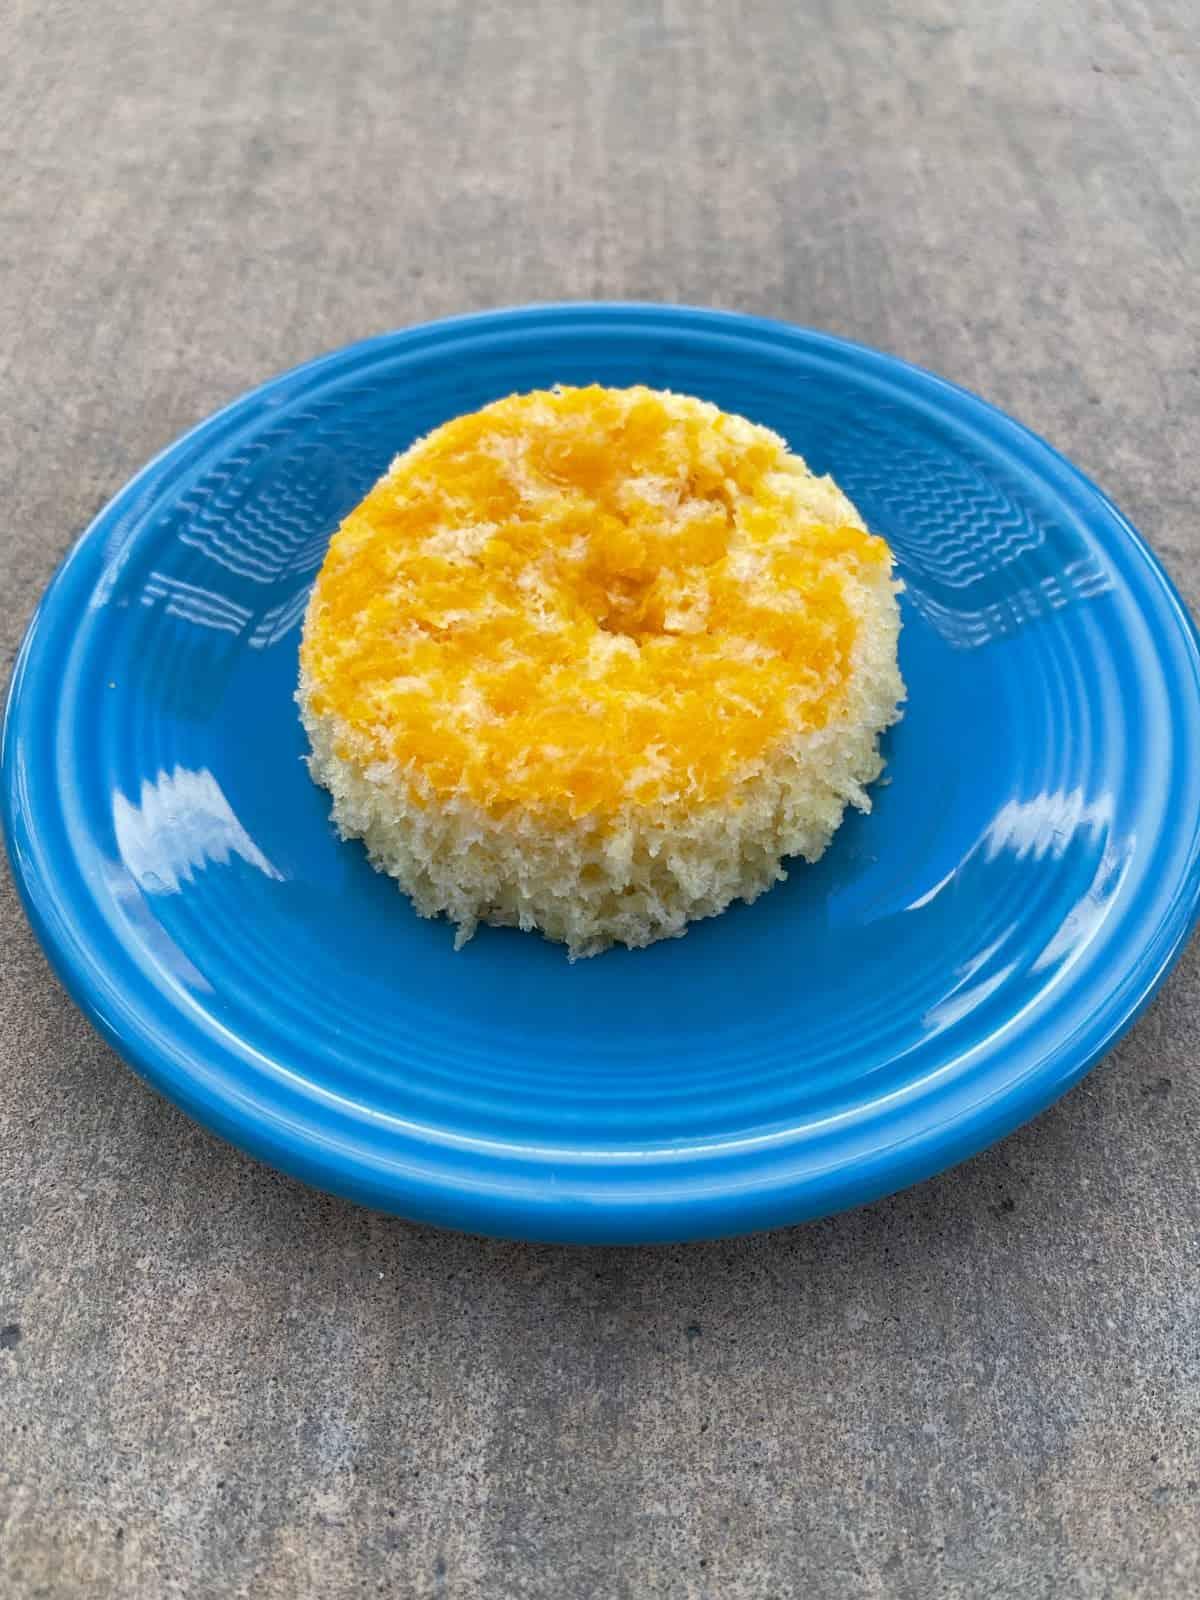 Orange angel food cake on small blue plate.